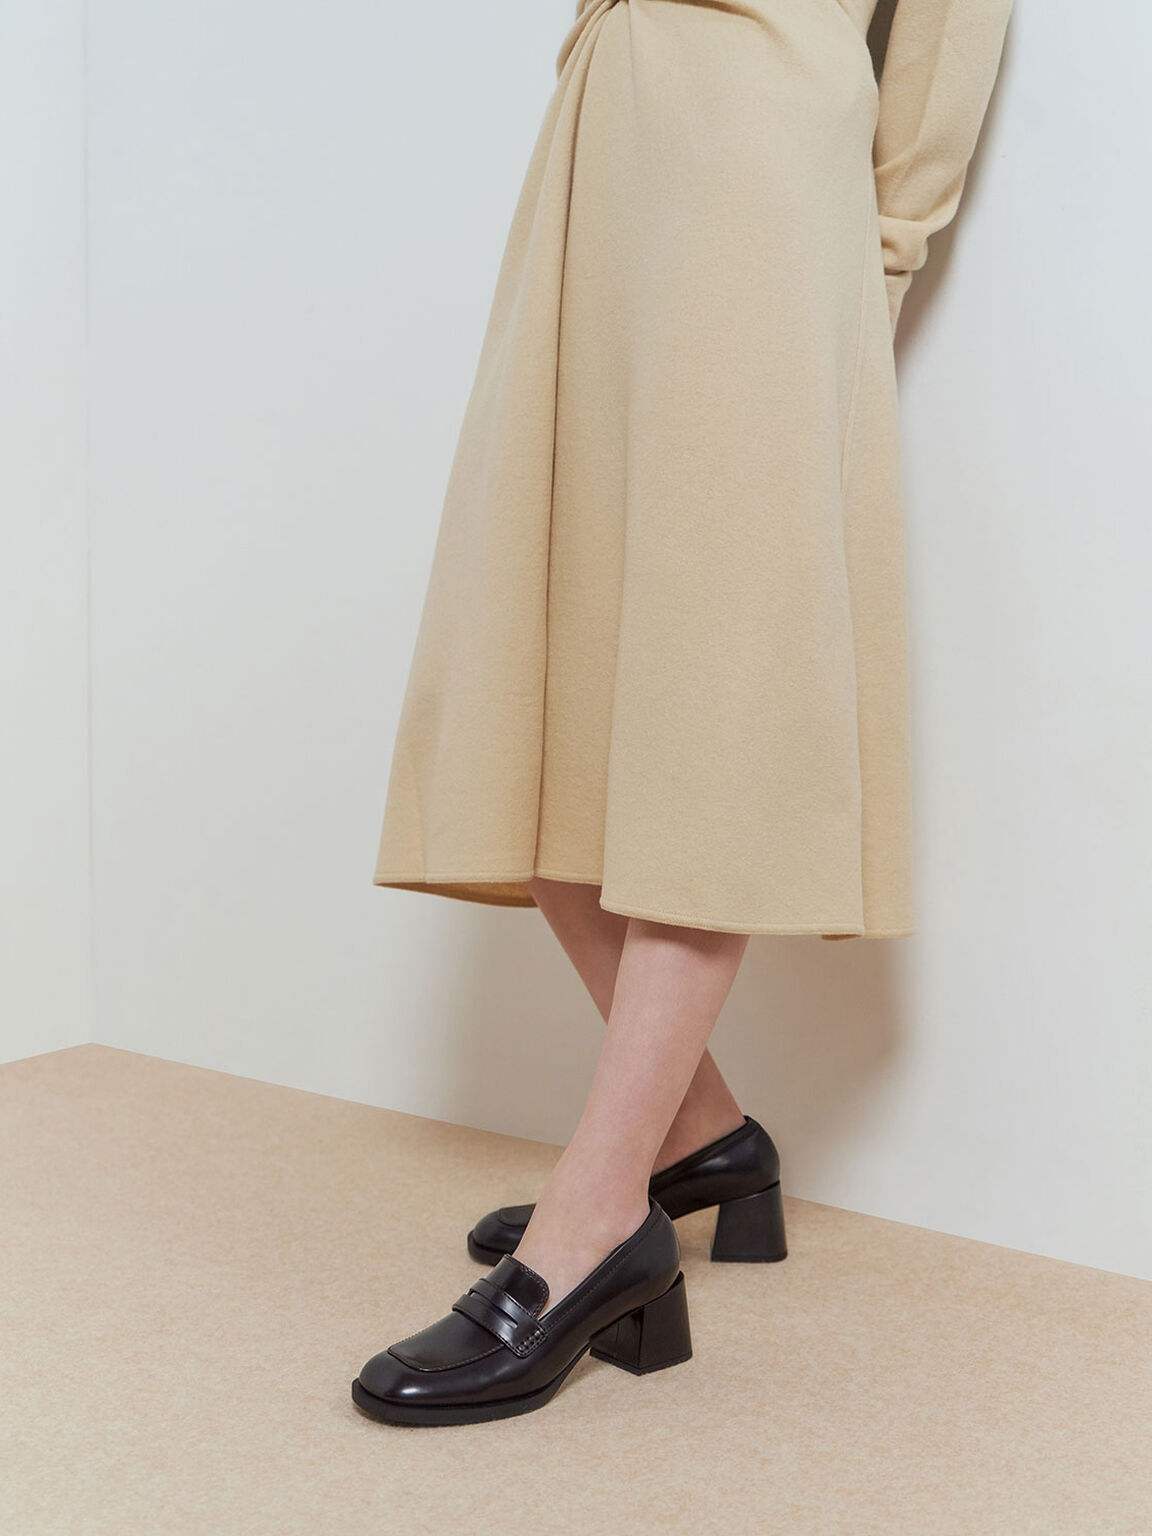 Penny Loafer Court Shoes, Burgundy, hi-res